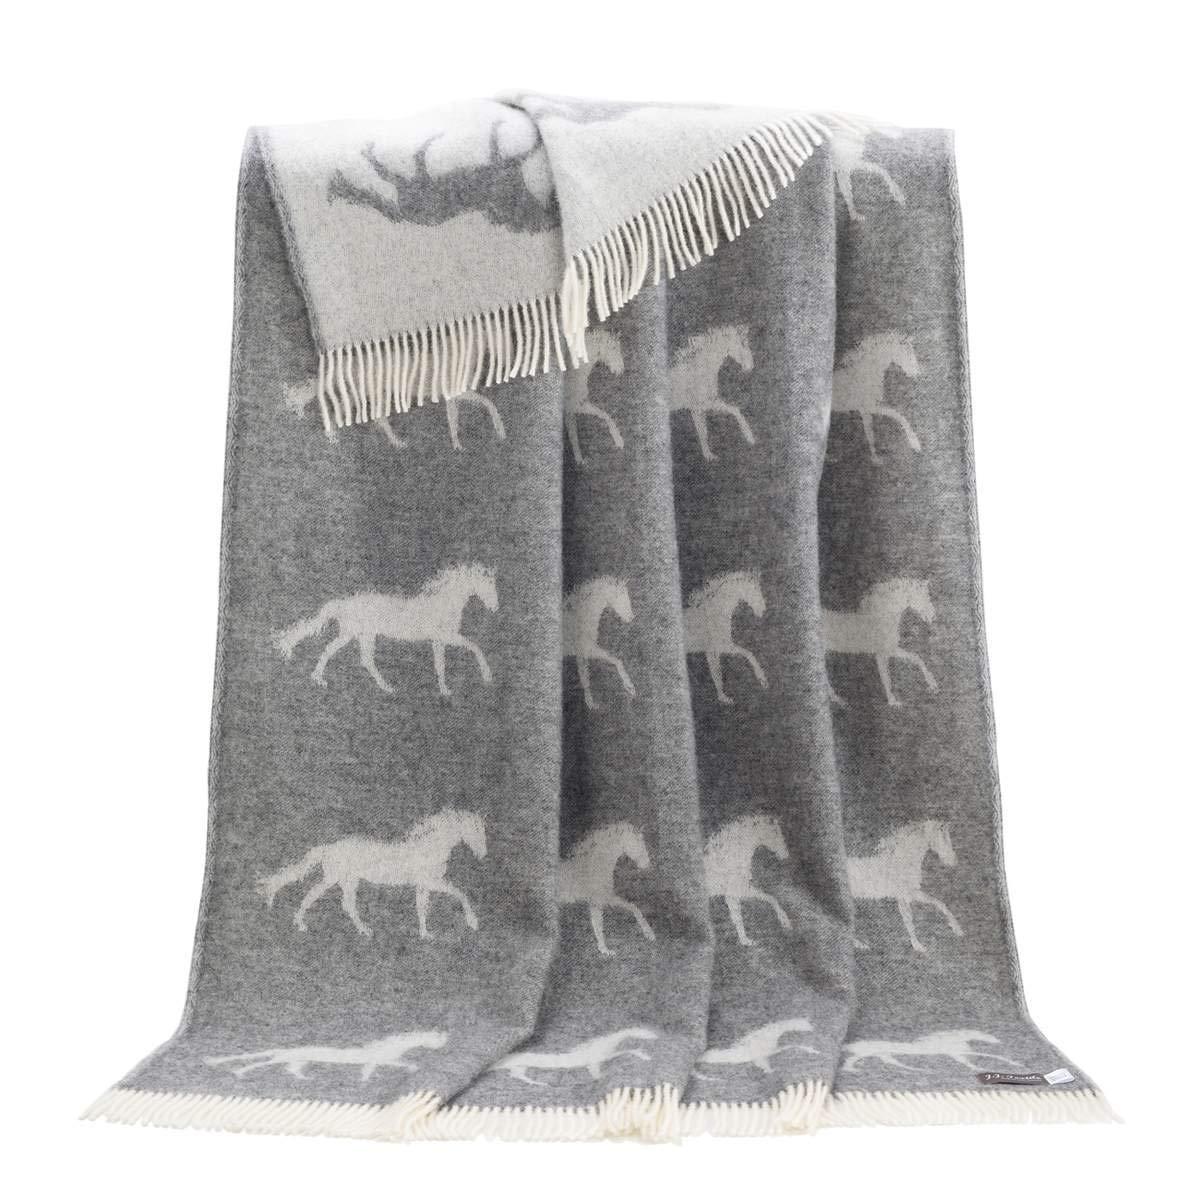 乗馬 雑貨 J.J.Textile ニュー ホース スローケット 乗馬用品 馬具